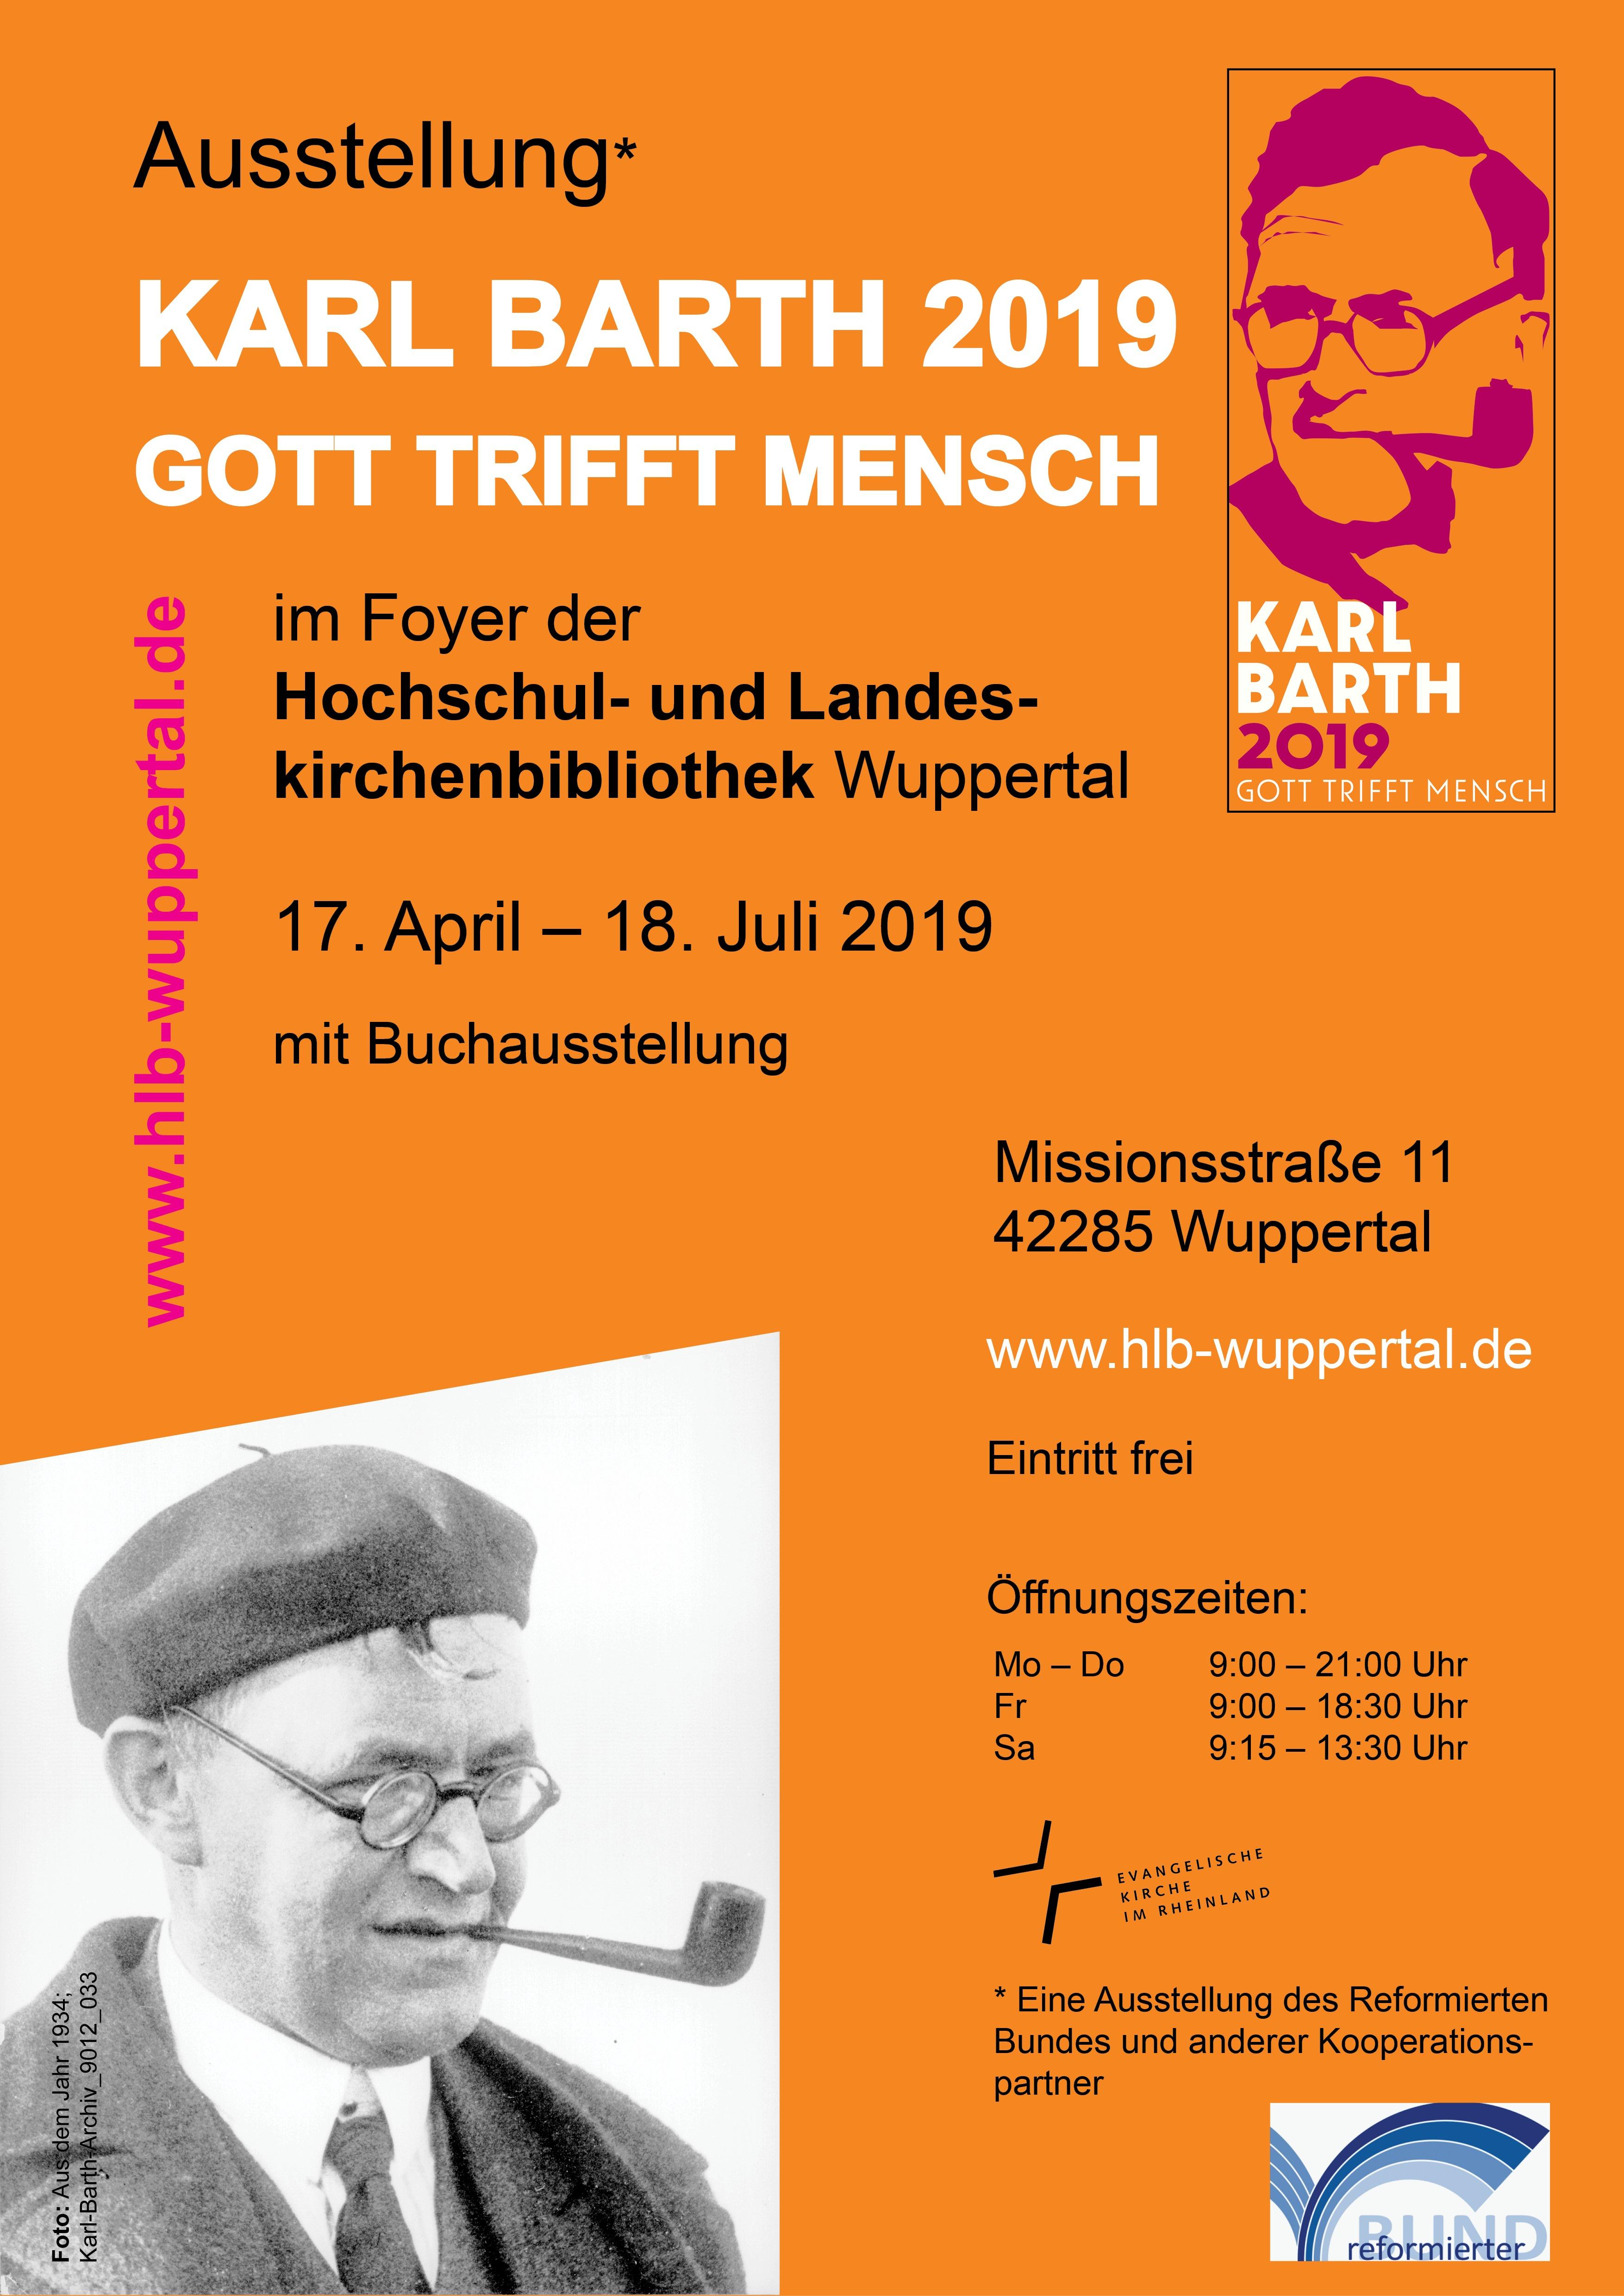 Vorankündigung: Ausstellung über Karl Barth